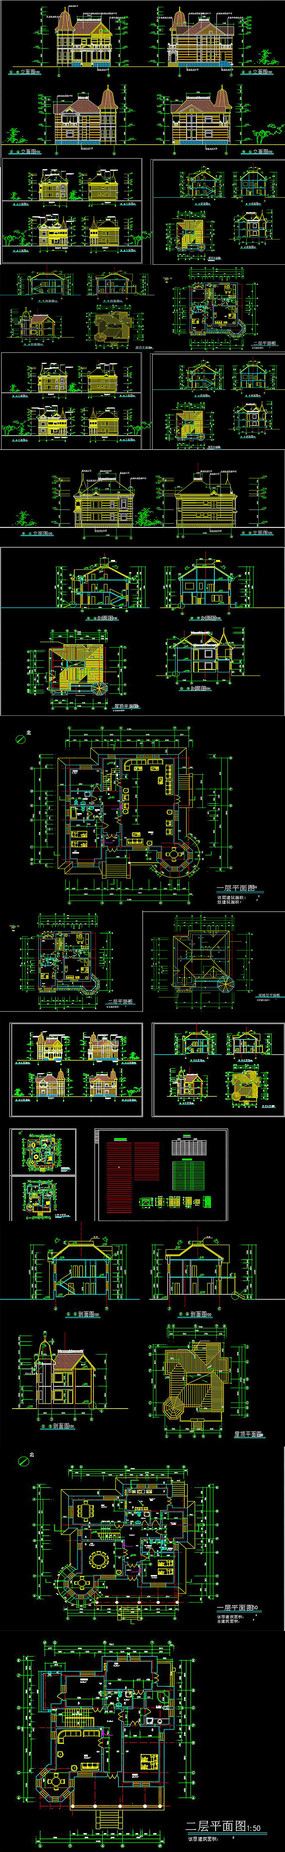 俄罗斯别墅CAD图纸